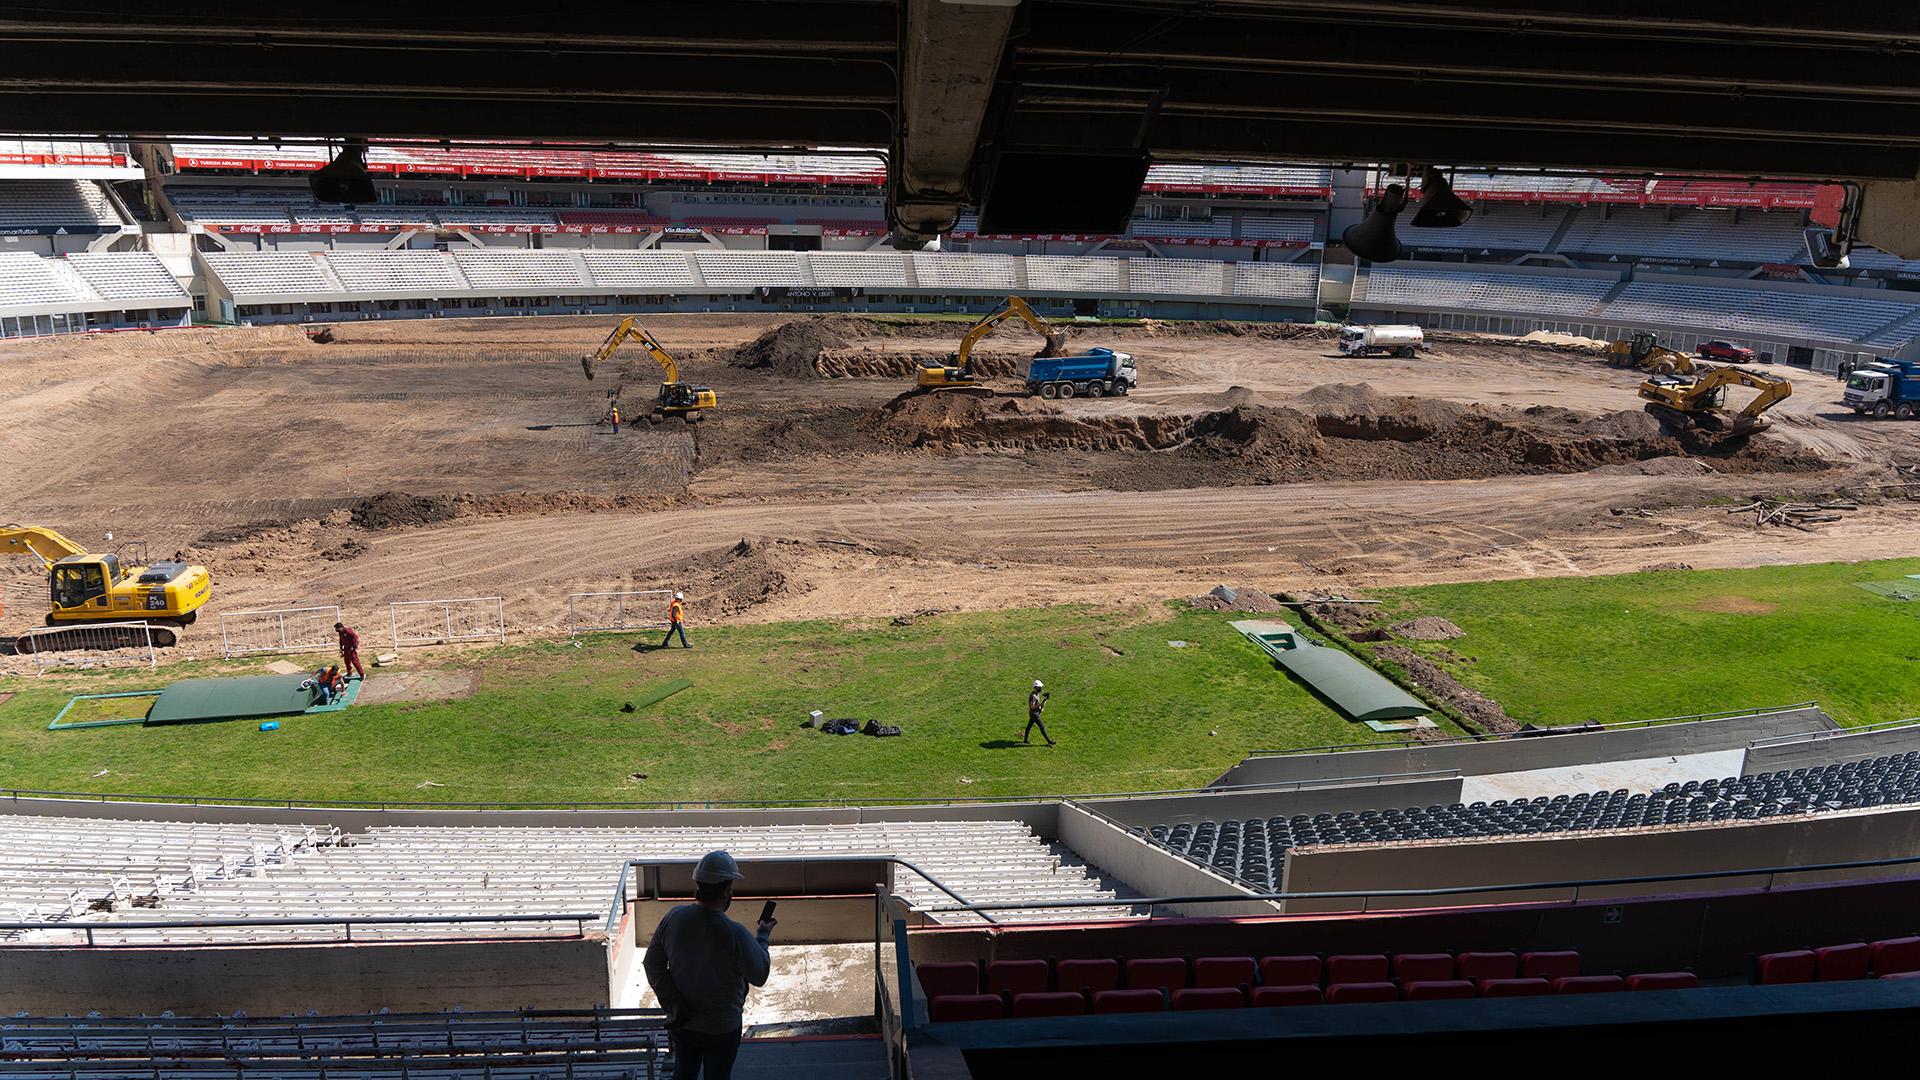 La supresión de la pista –sumada a la creación de un único túnel– abre la posibilidad para que en el futuro se avance en la creación de nuevas tribunas, lo que permitirá aumentar la capacidad de espectadores